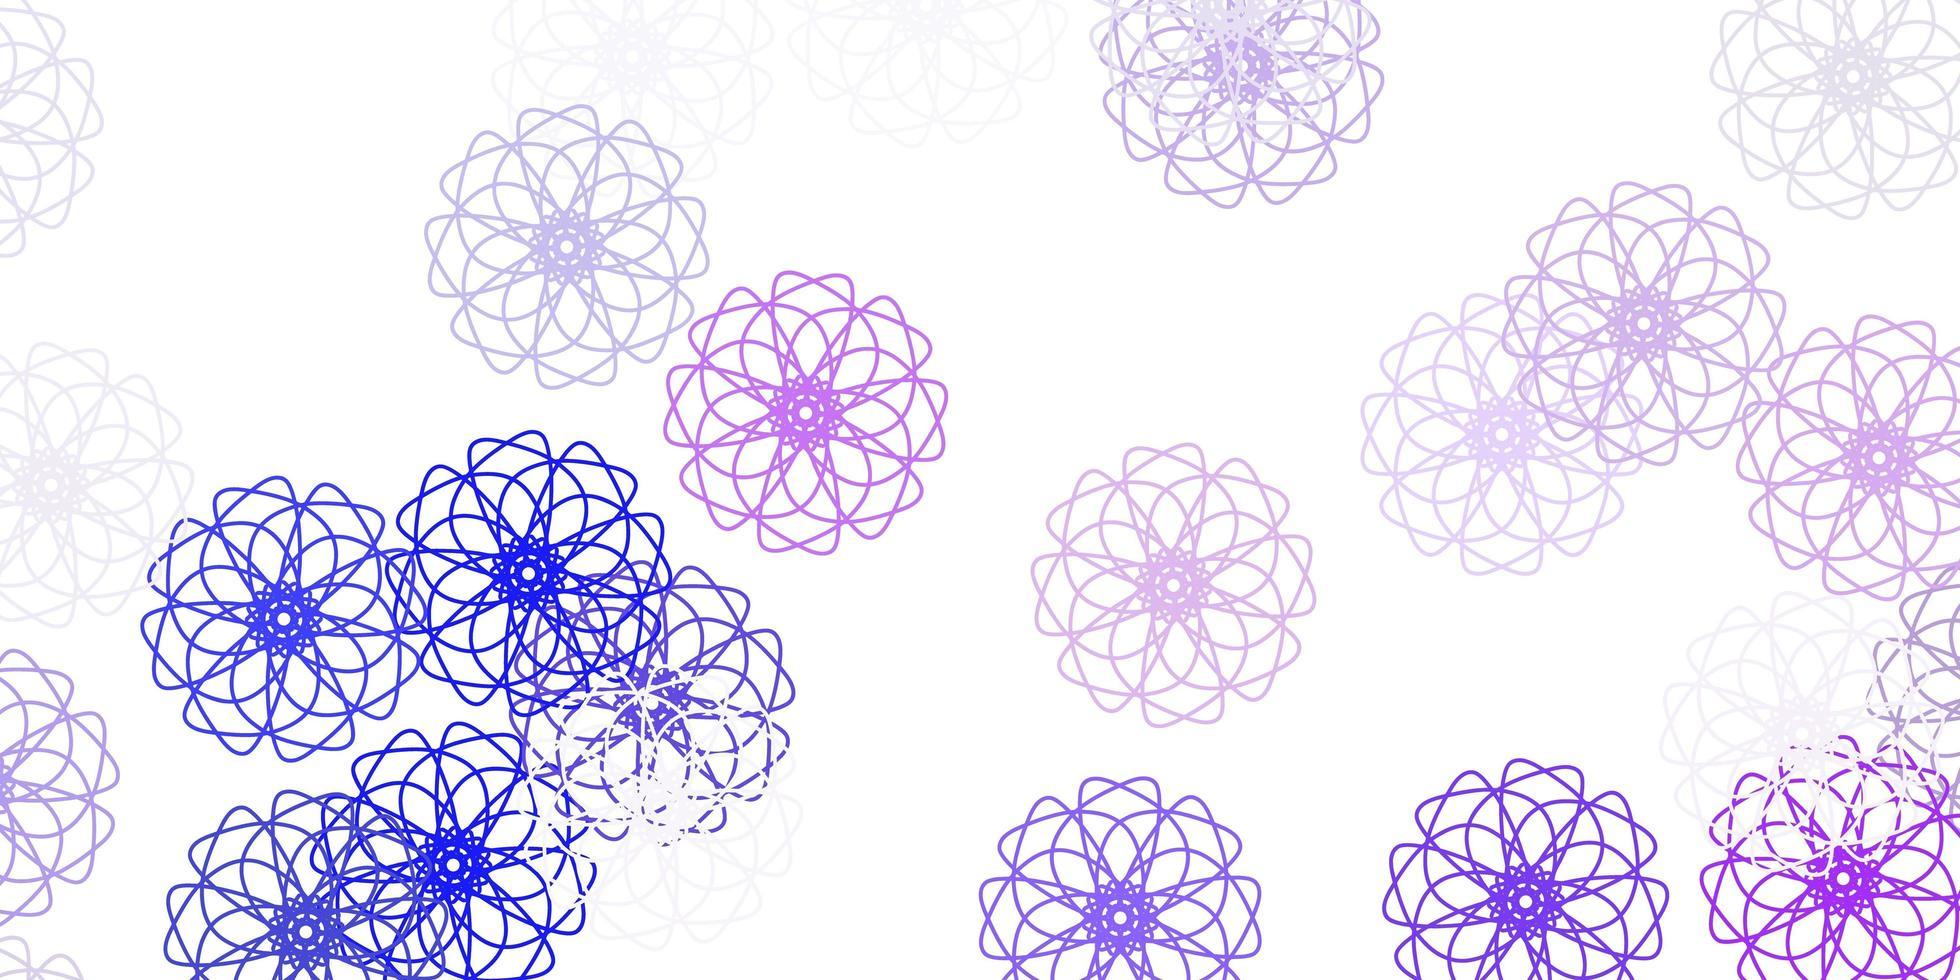 texture de doodle vecteur rose clair, bleu avec des fleurs.